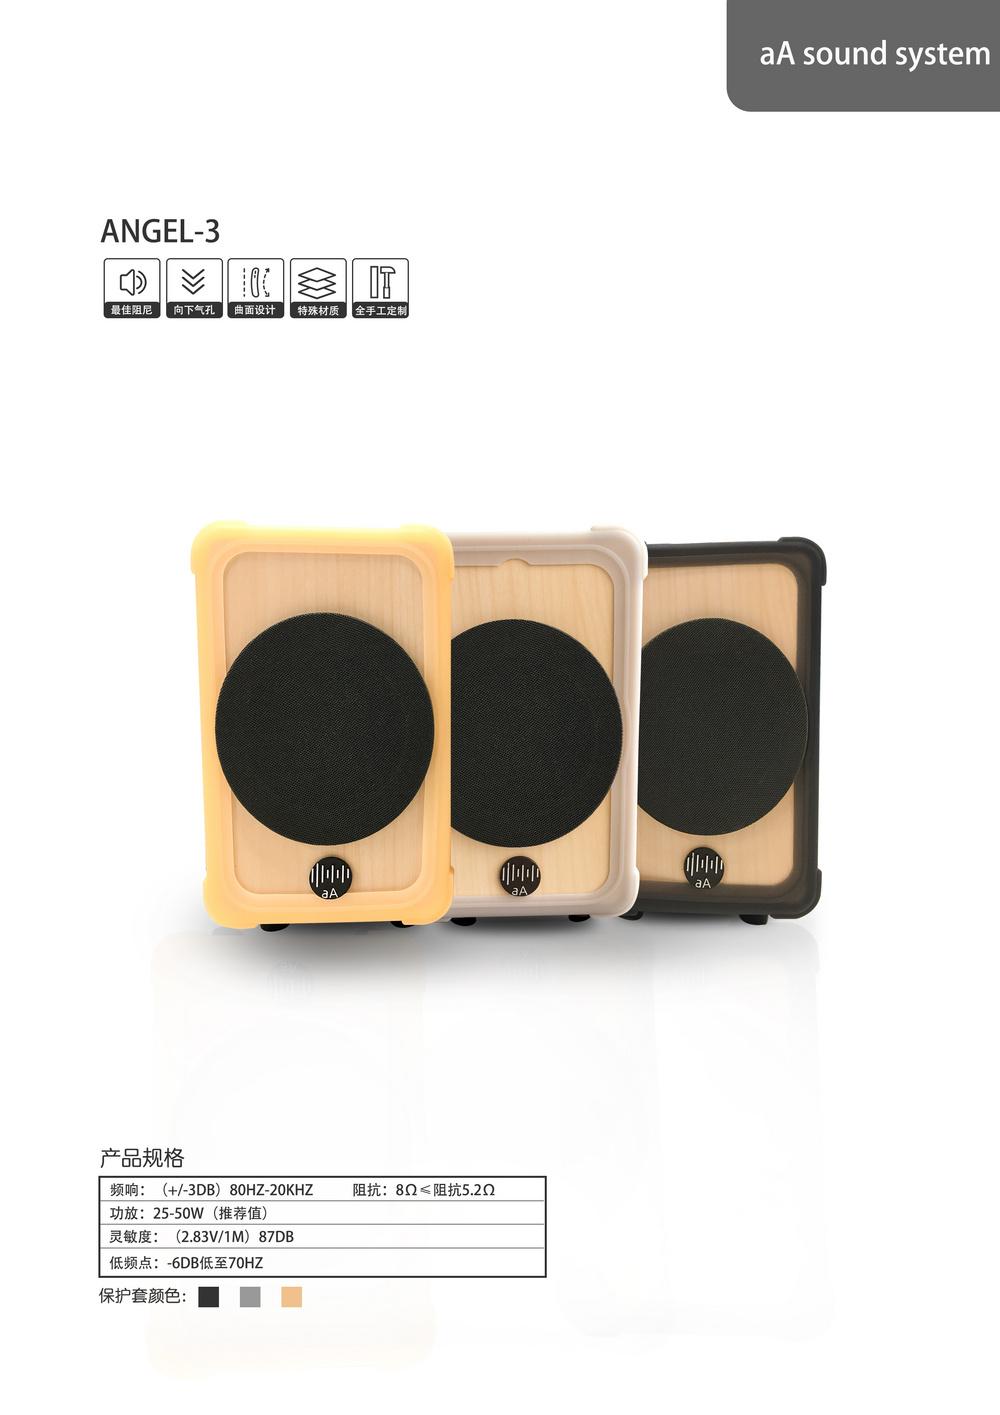 本田通信采购博元电声音箱,ANGEL 3将走向日本市场